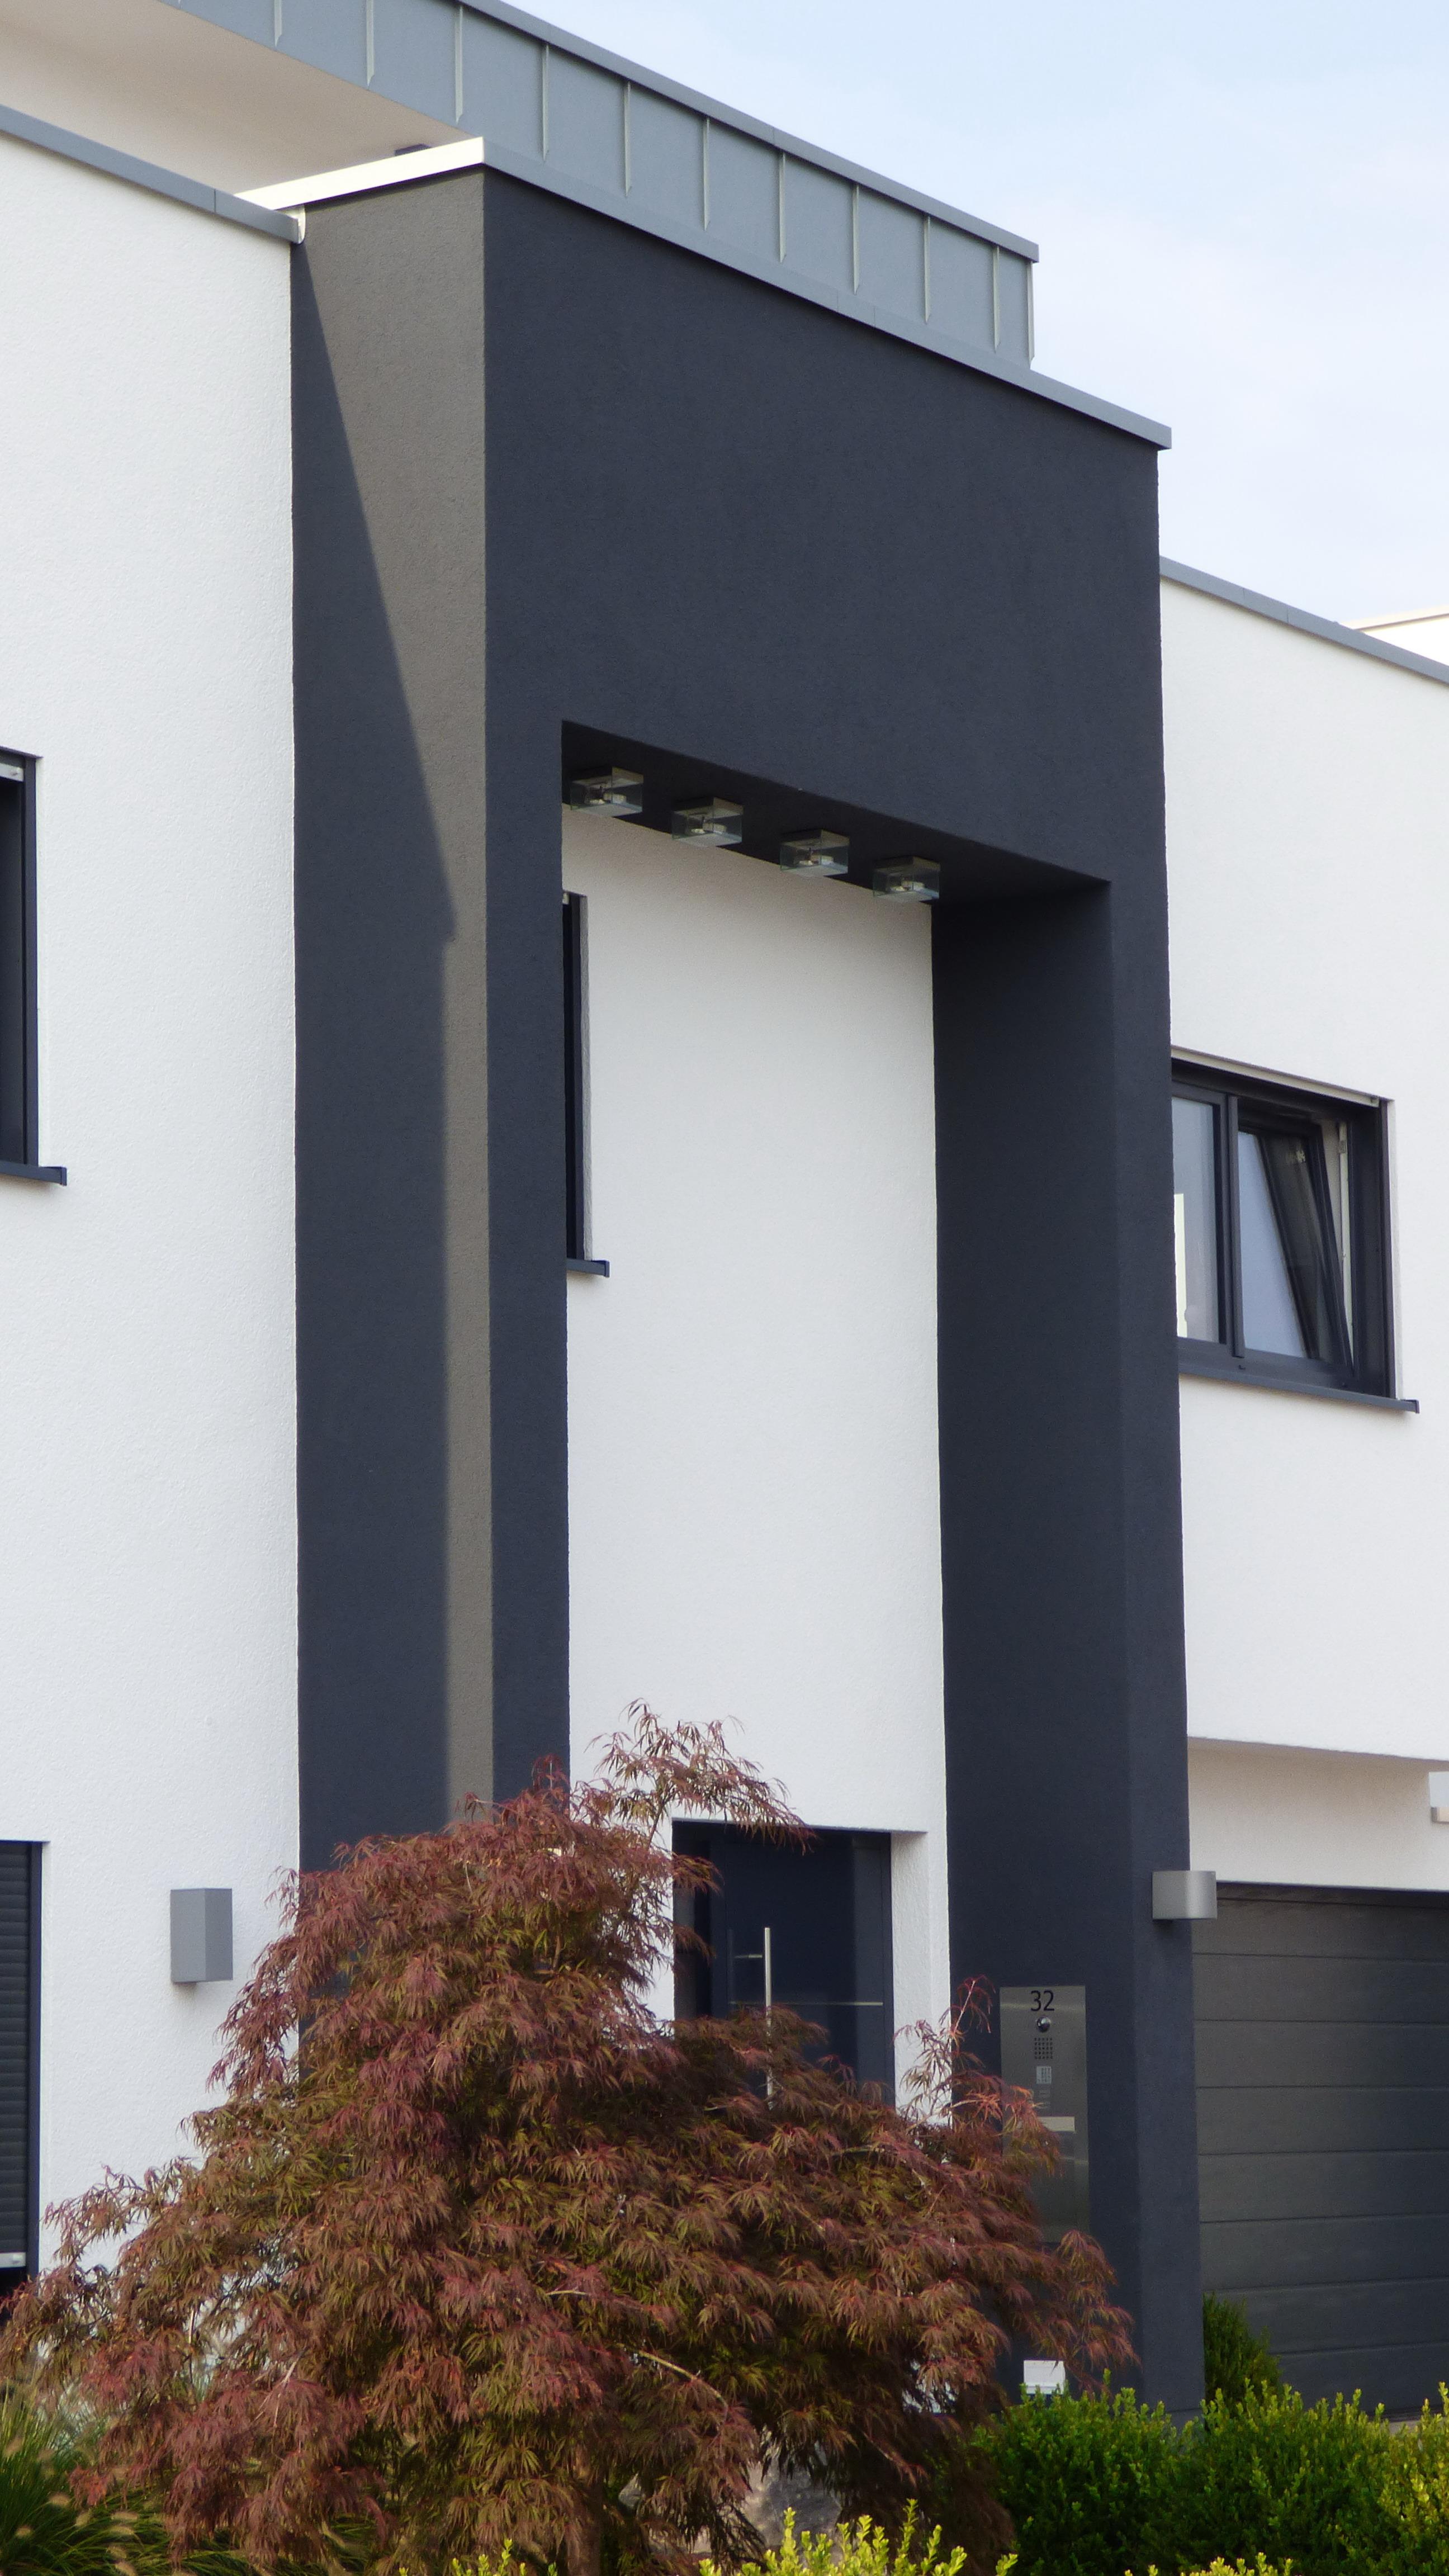 kundenempfehlungen und referenzen tmp fenster t ren gmbh. Black Bedroom Furniture Sets. Home Design Ideas